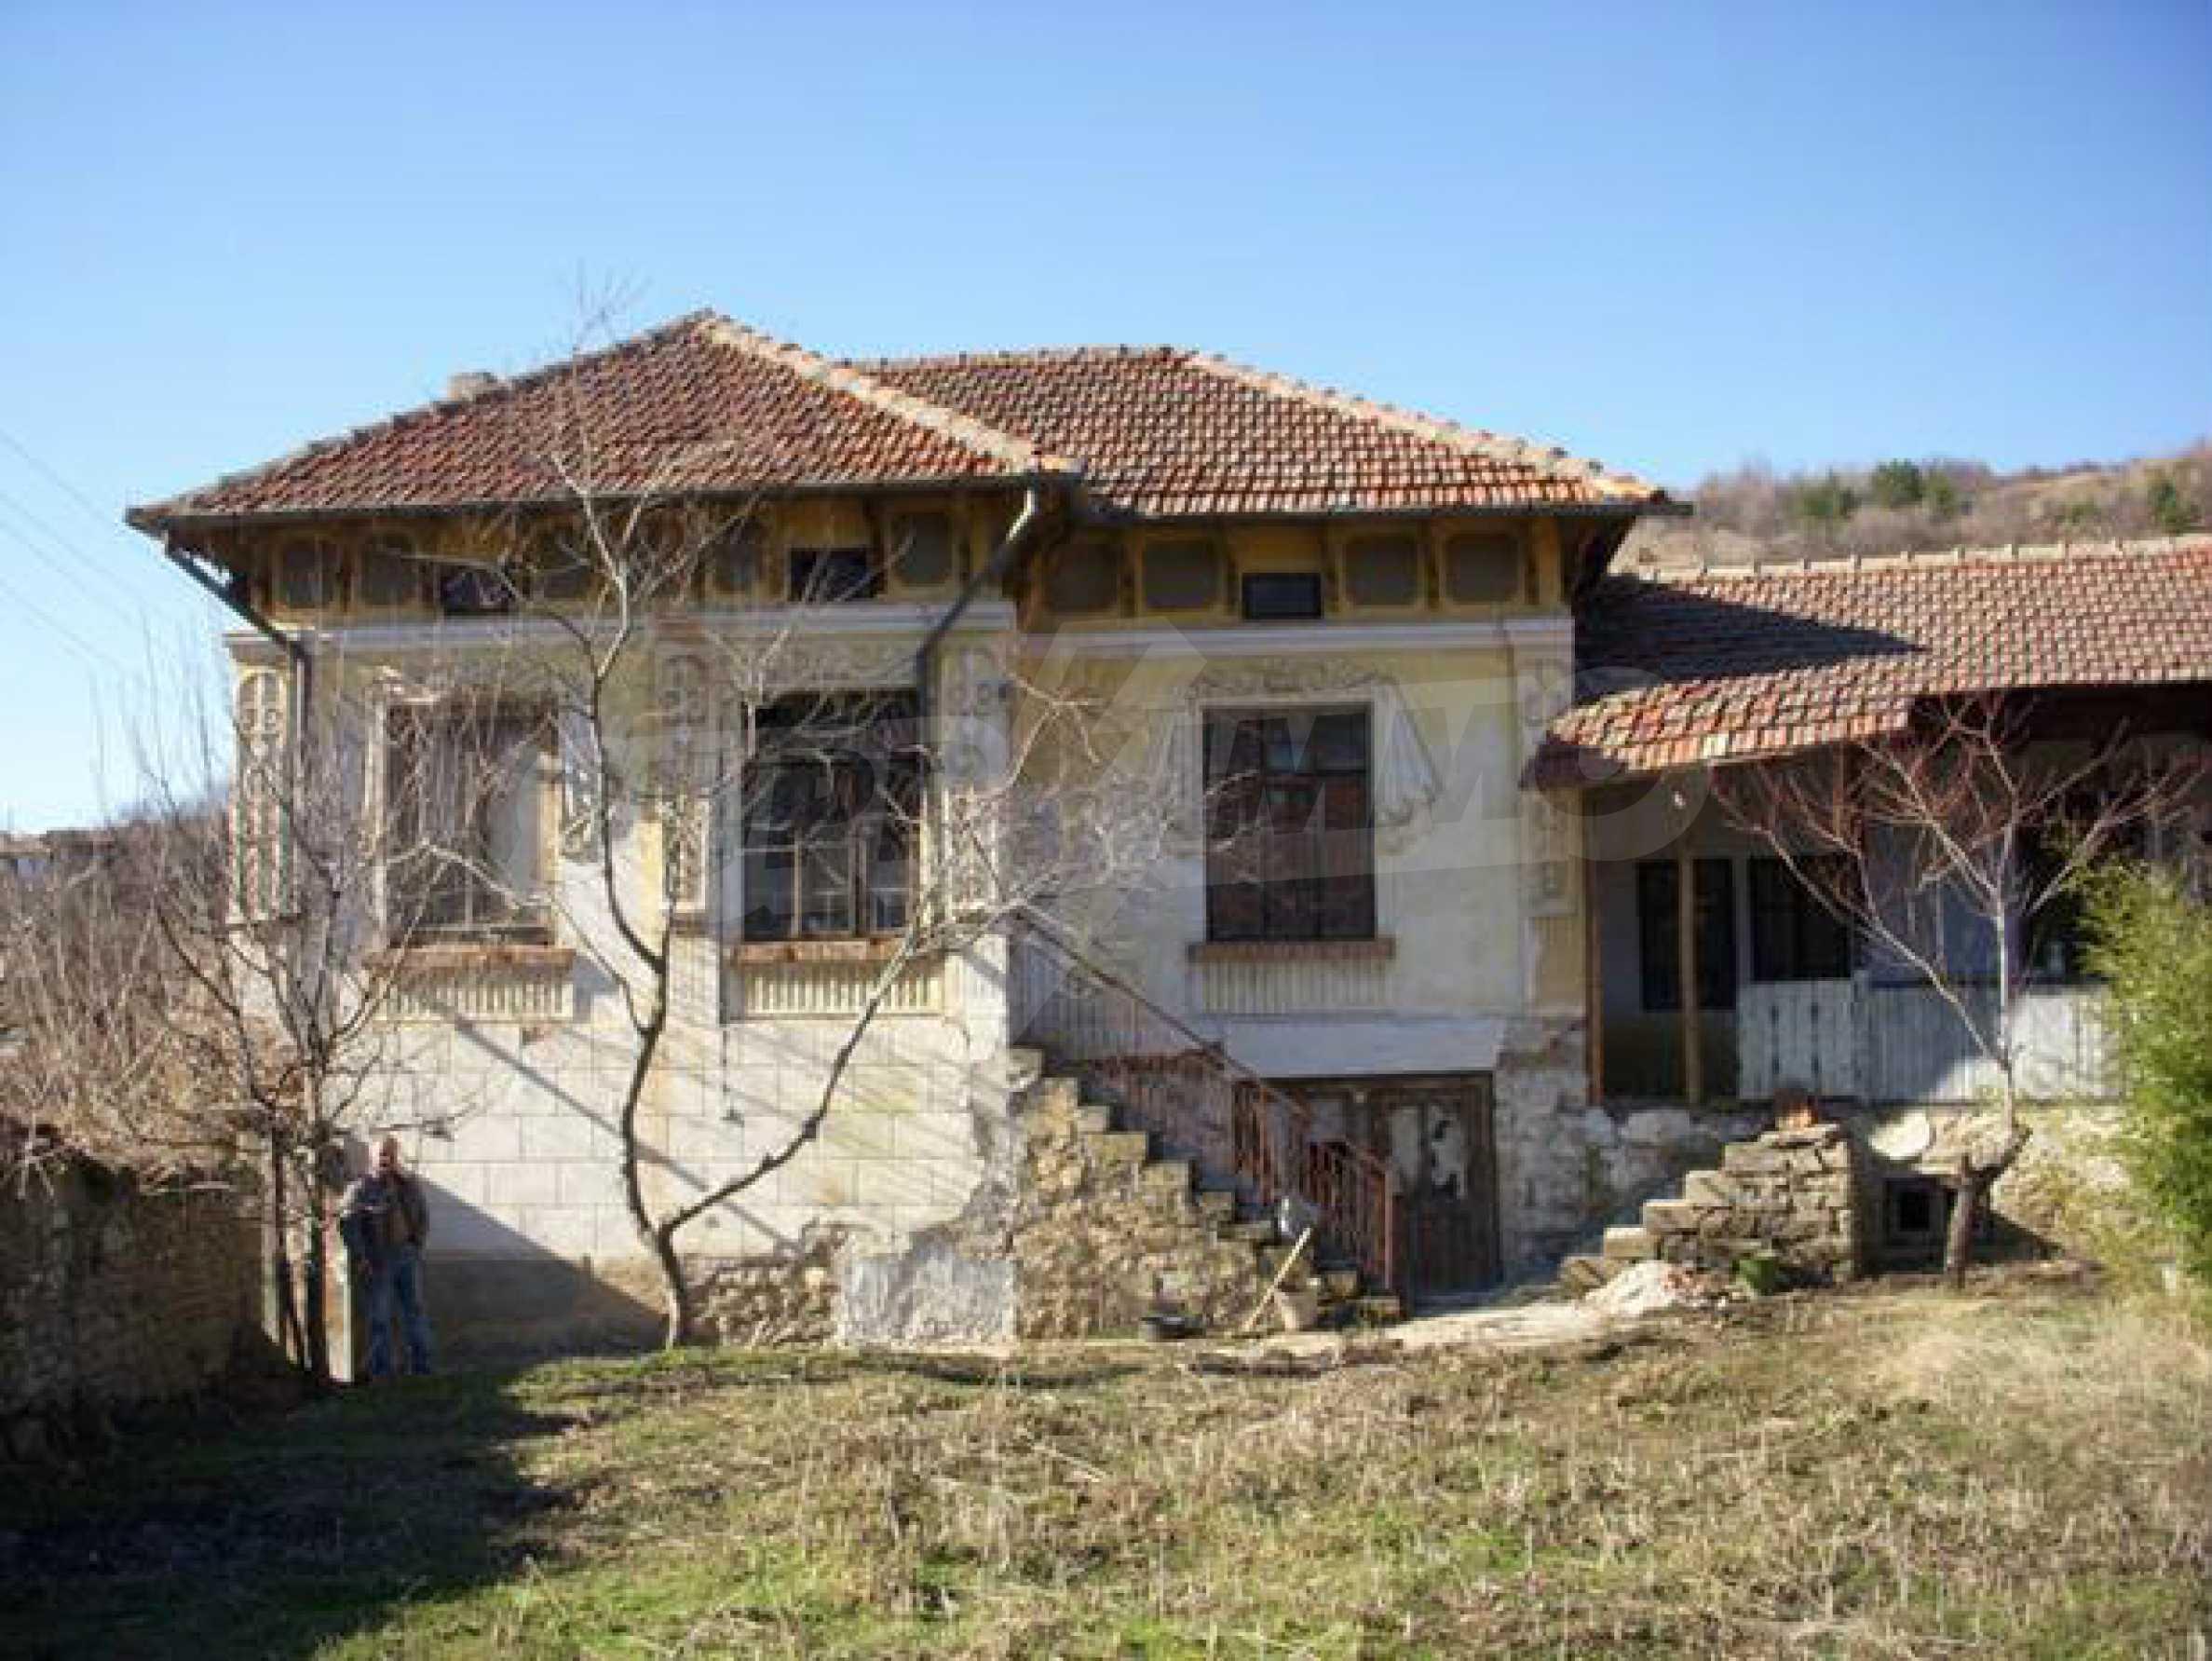 Geräumiges Haus mit einem ehemaligen Weinkeller zur Renovierung in der Nähe der Stadt Pavlikeni 1